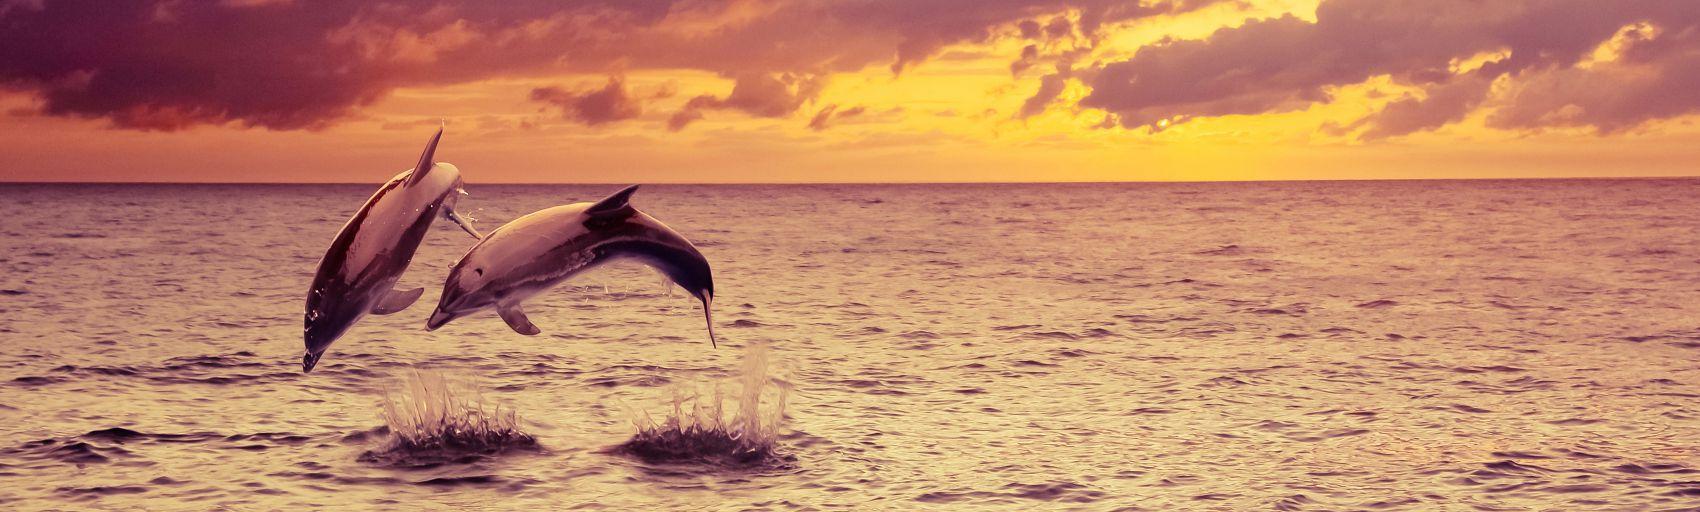 Дельфины в море на закате